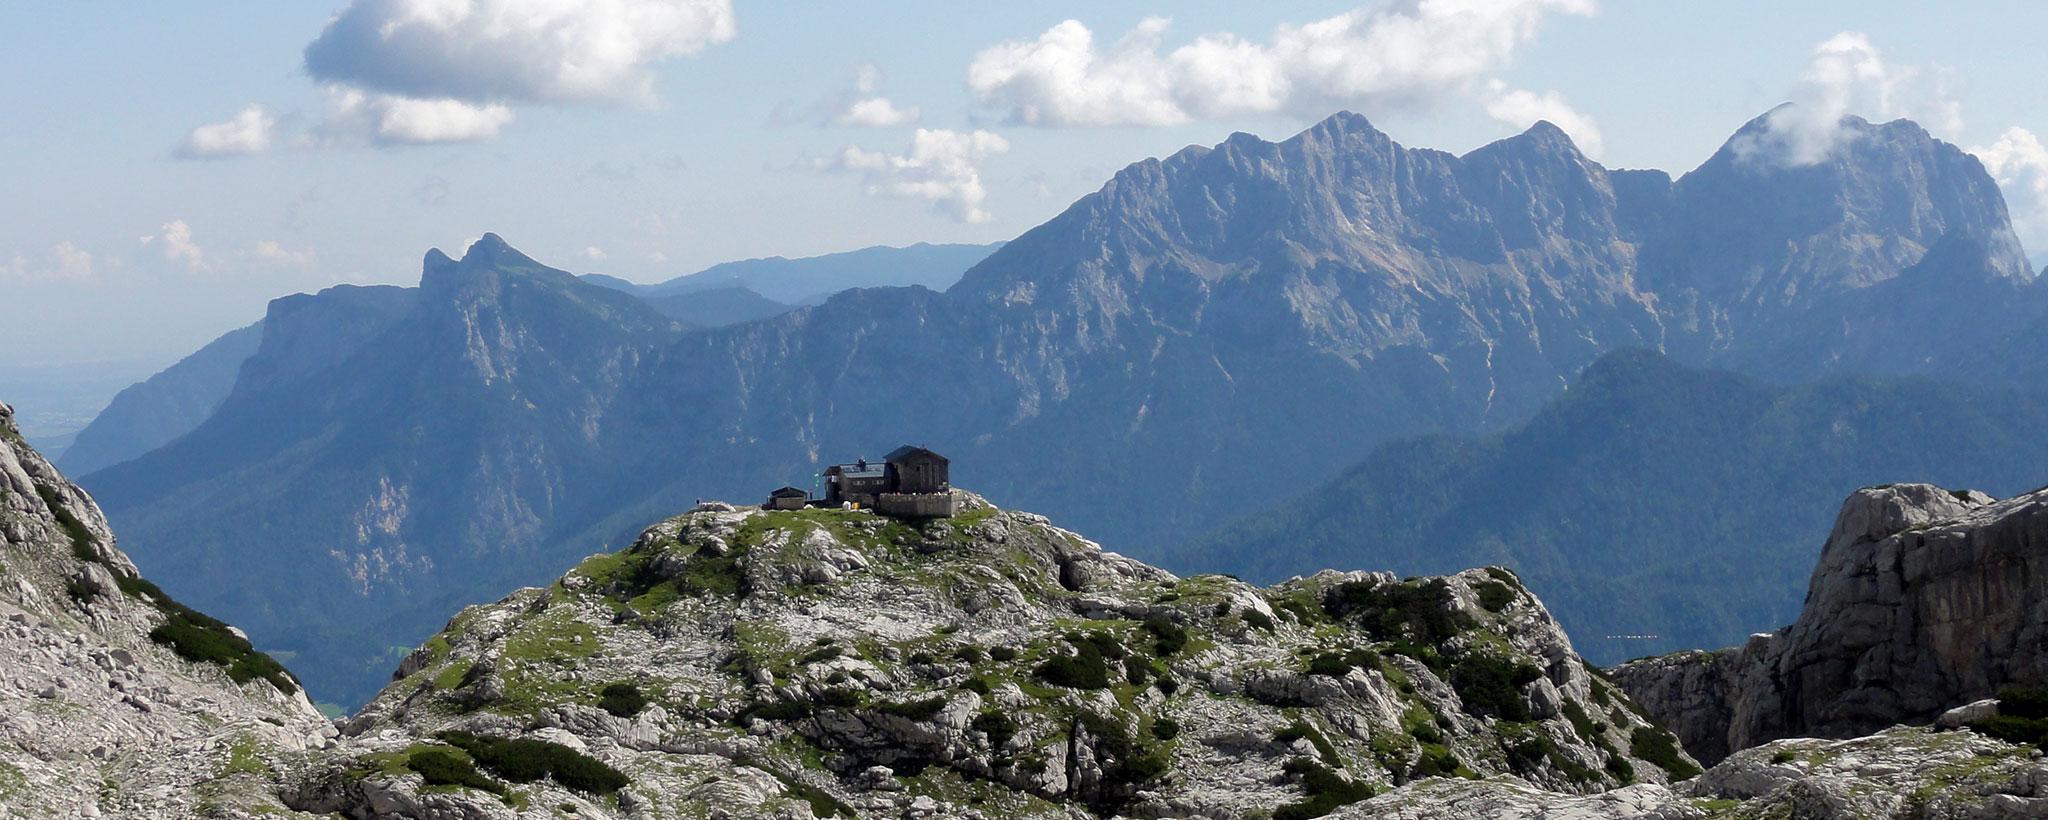 Arnoweg: Die Schmidt-Zabierow-Hütte in den Loferer Steinbergen